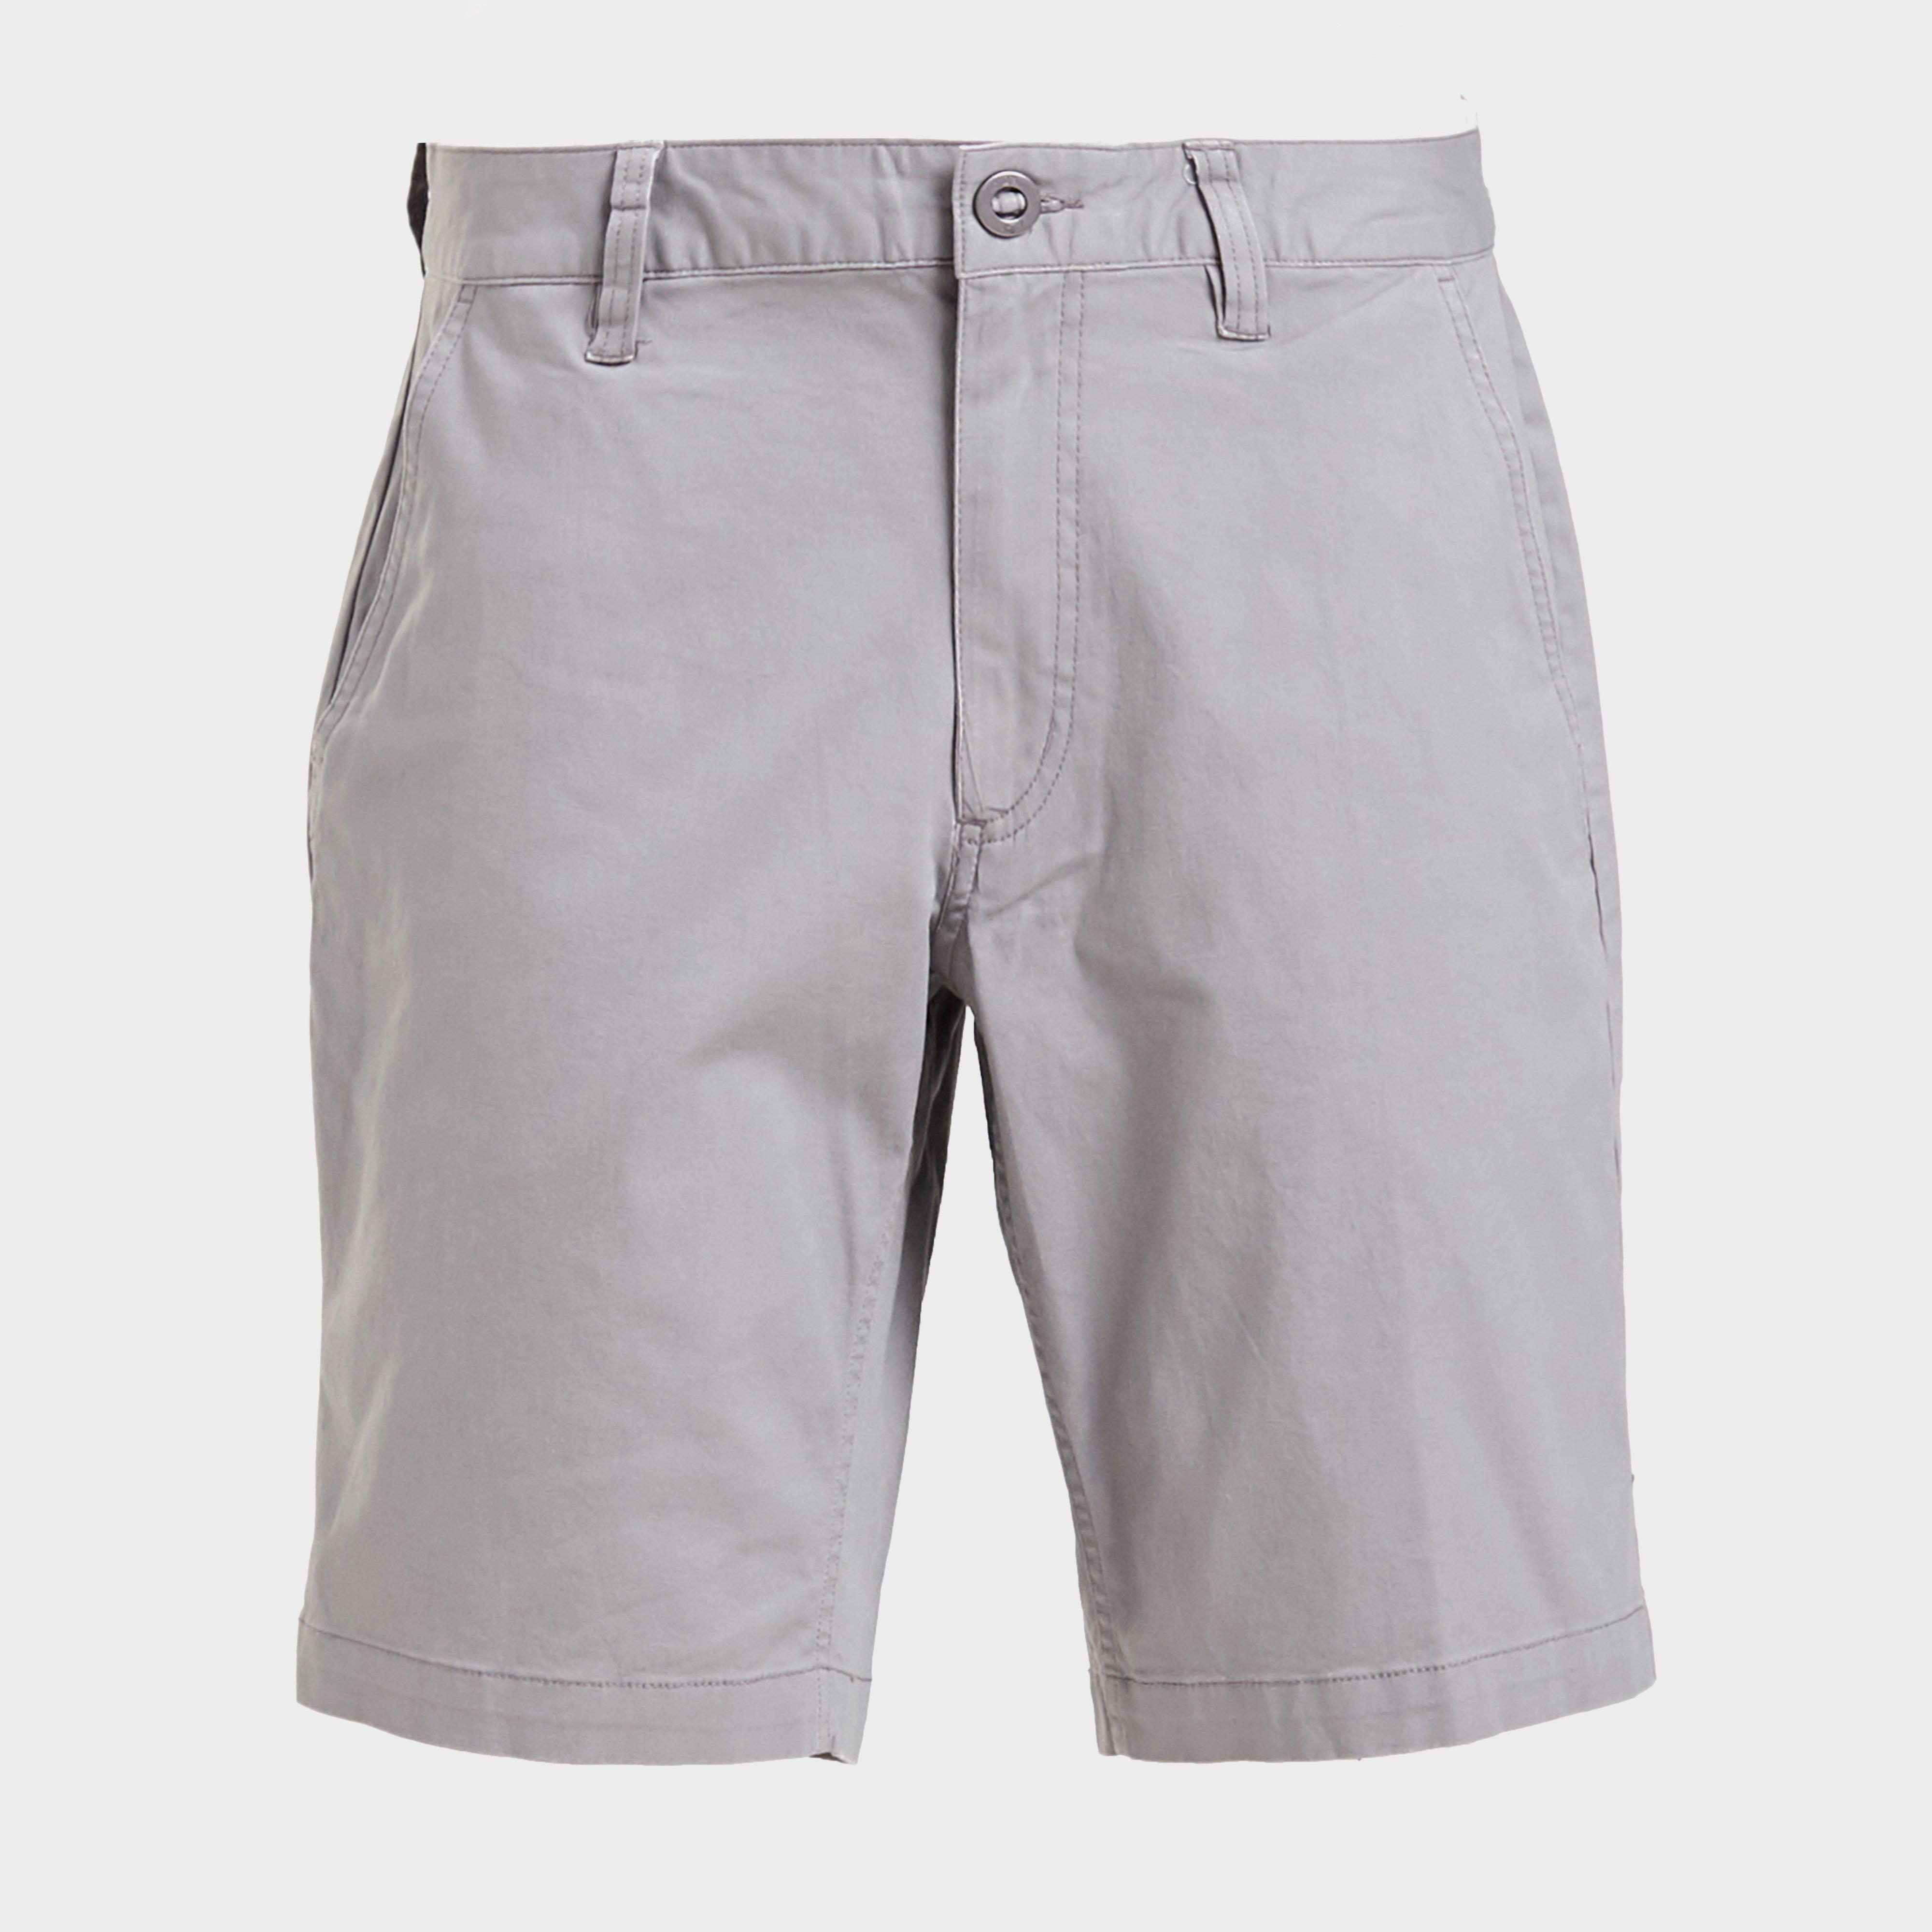 FOX Fox Mens Essex Shorts 2.0, Pewter